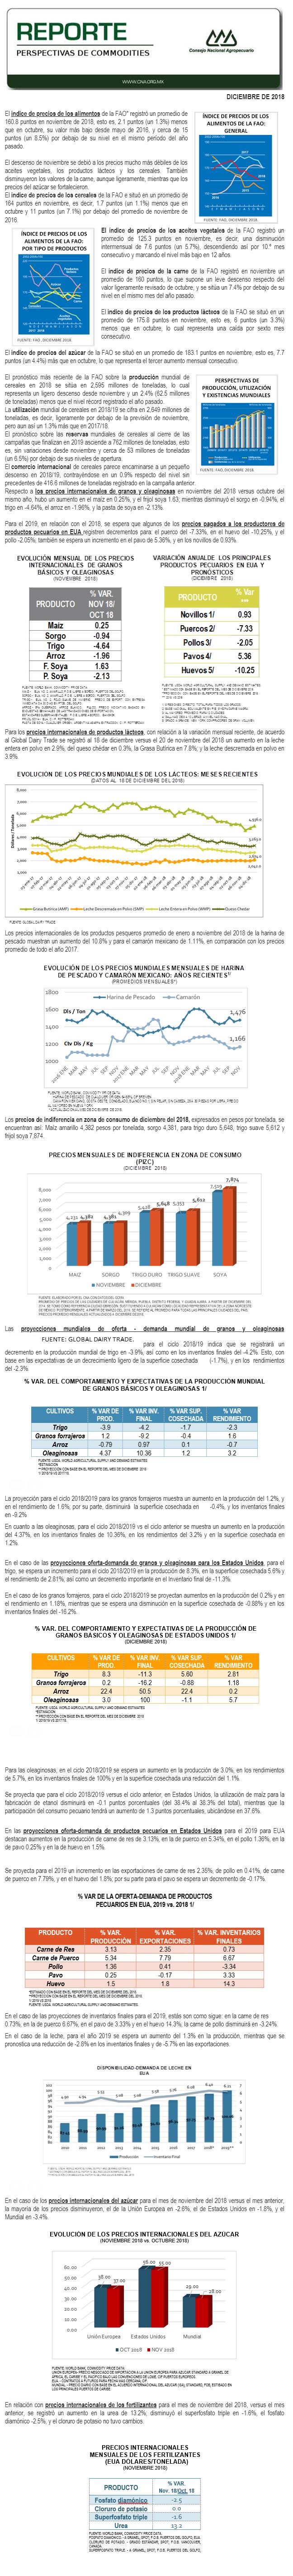 REPORTE DE PERSPECTIVAS DE COMMODITIES DEL MES DE DICIEMBRE DEL 2018